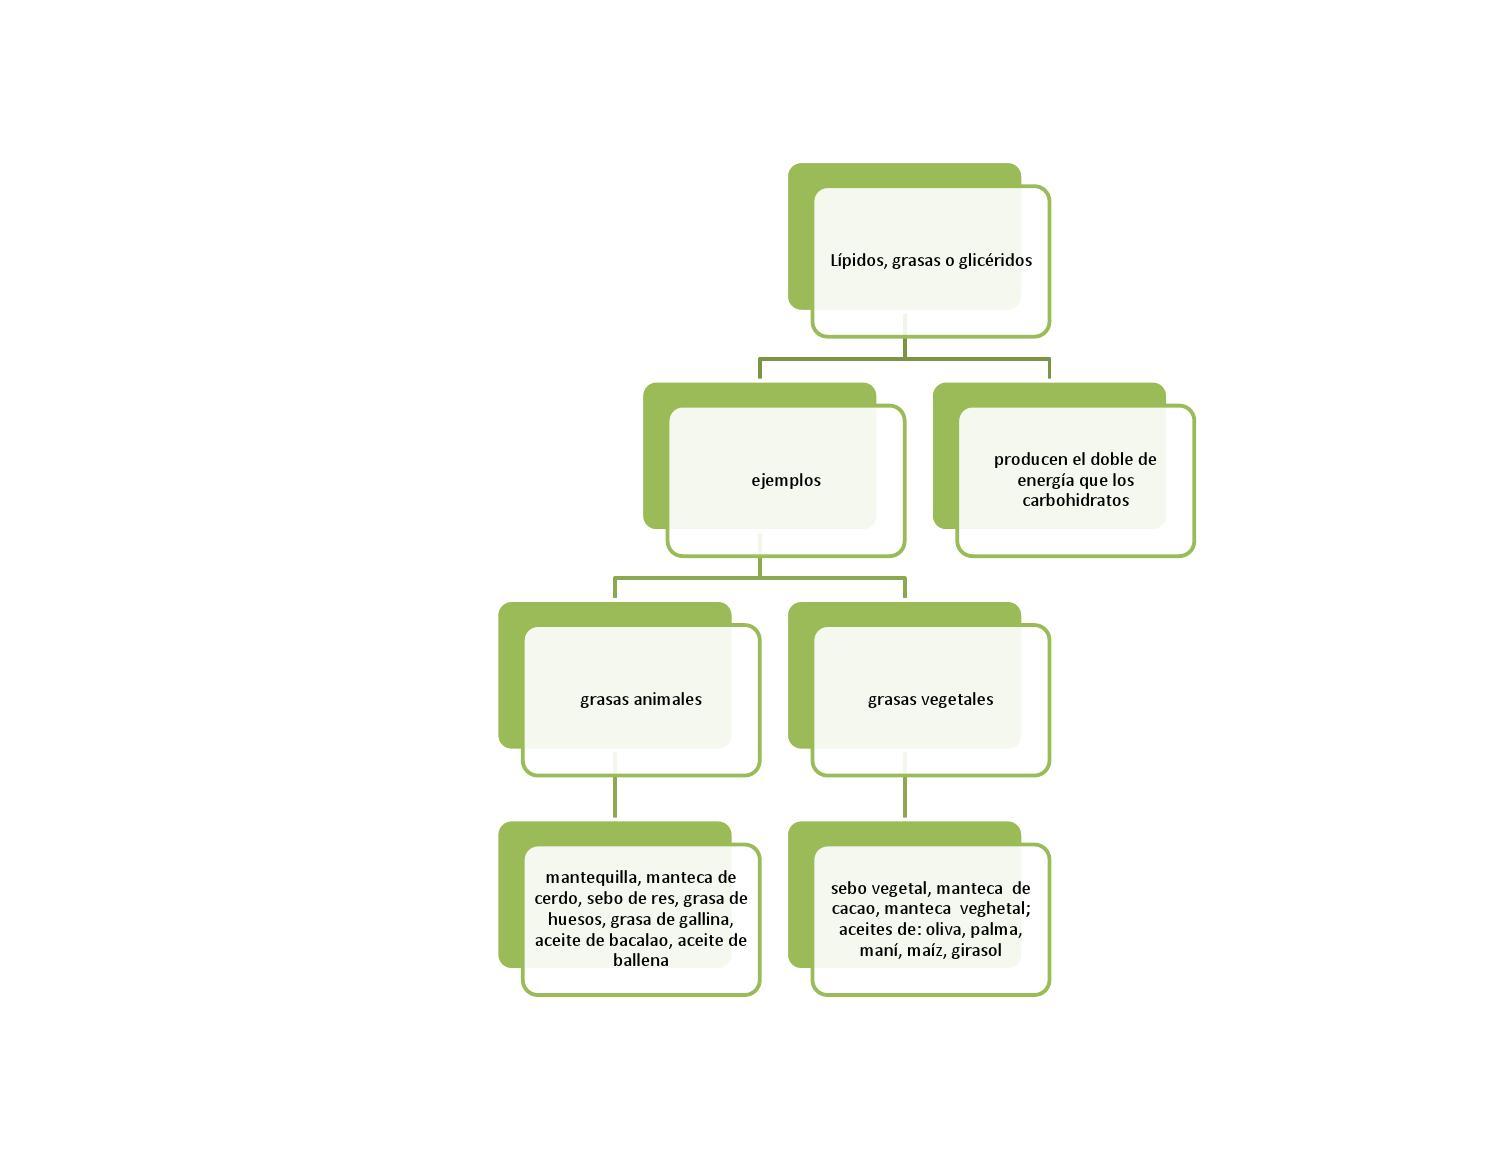 Mapas Conceptuales De Lipidos By Quimico Loco Issuu